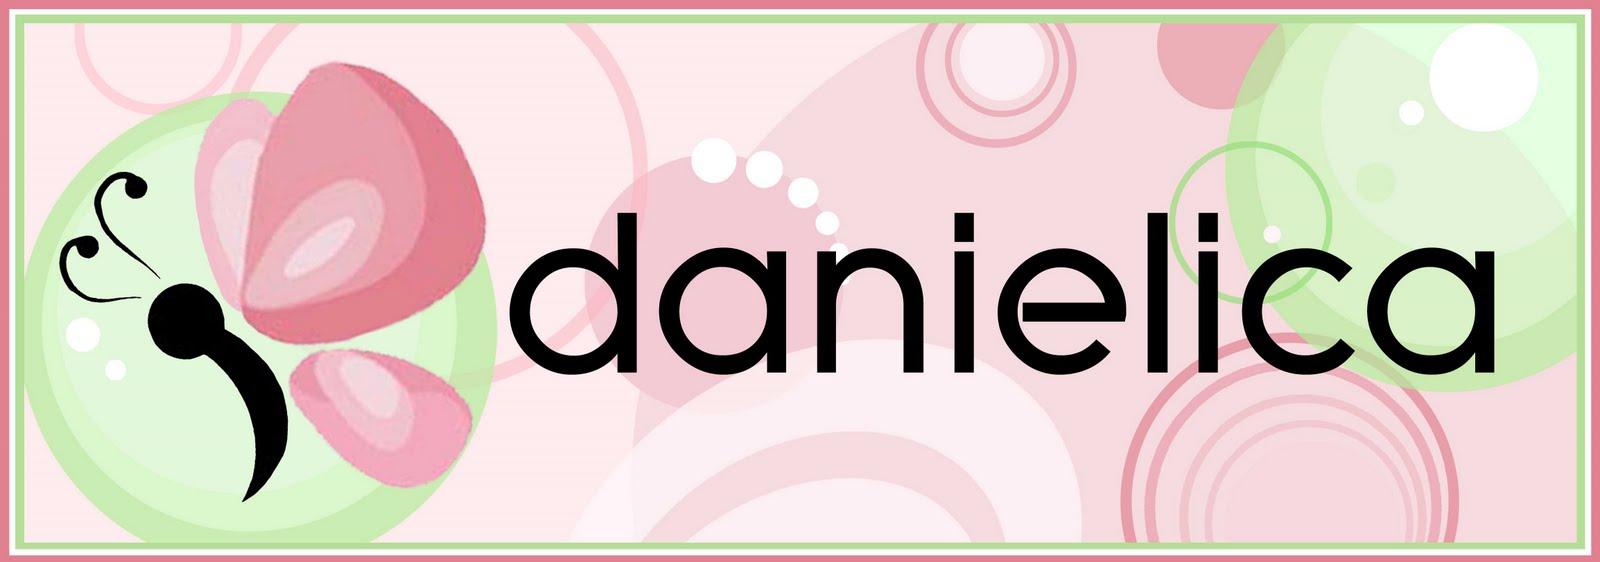 Danielica